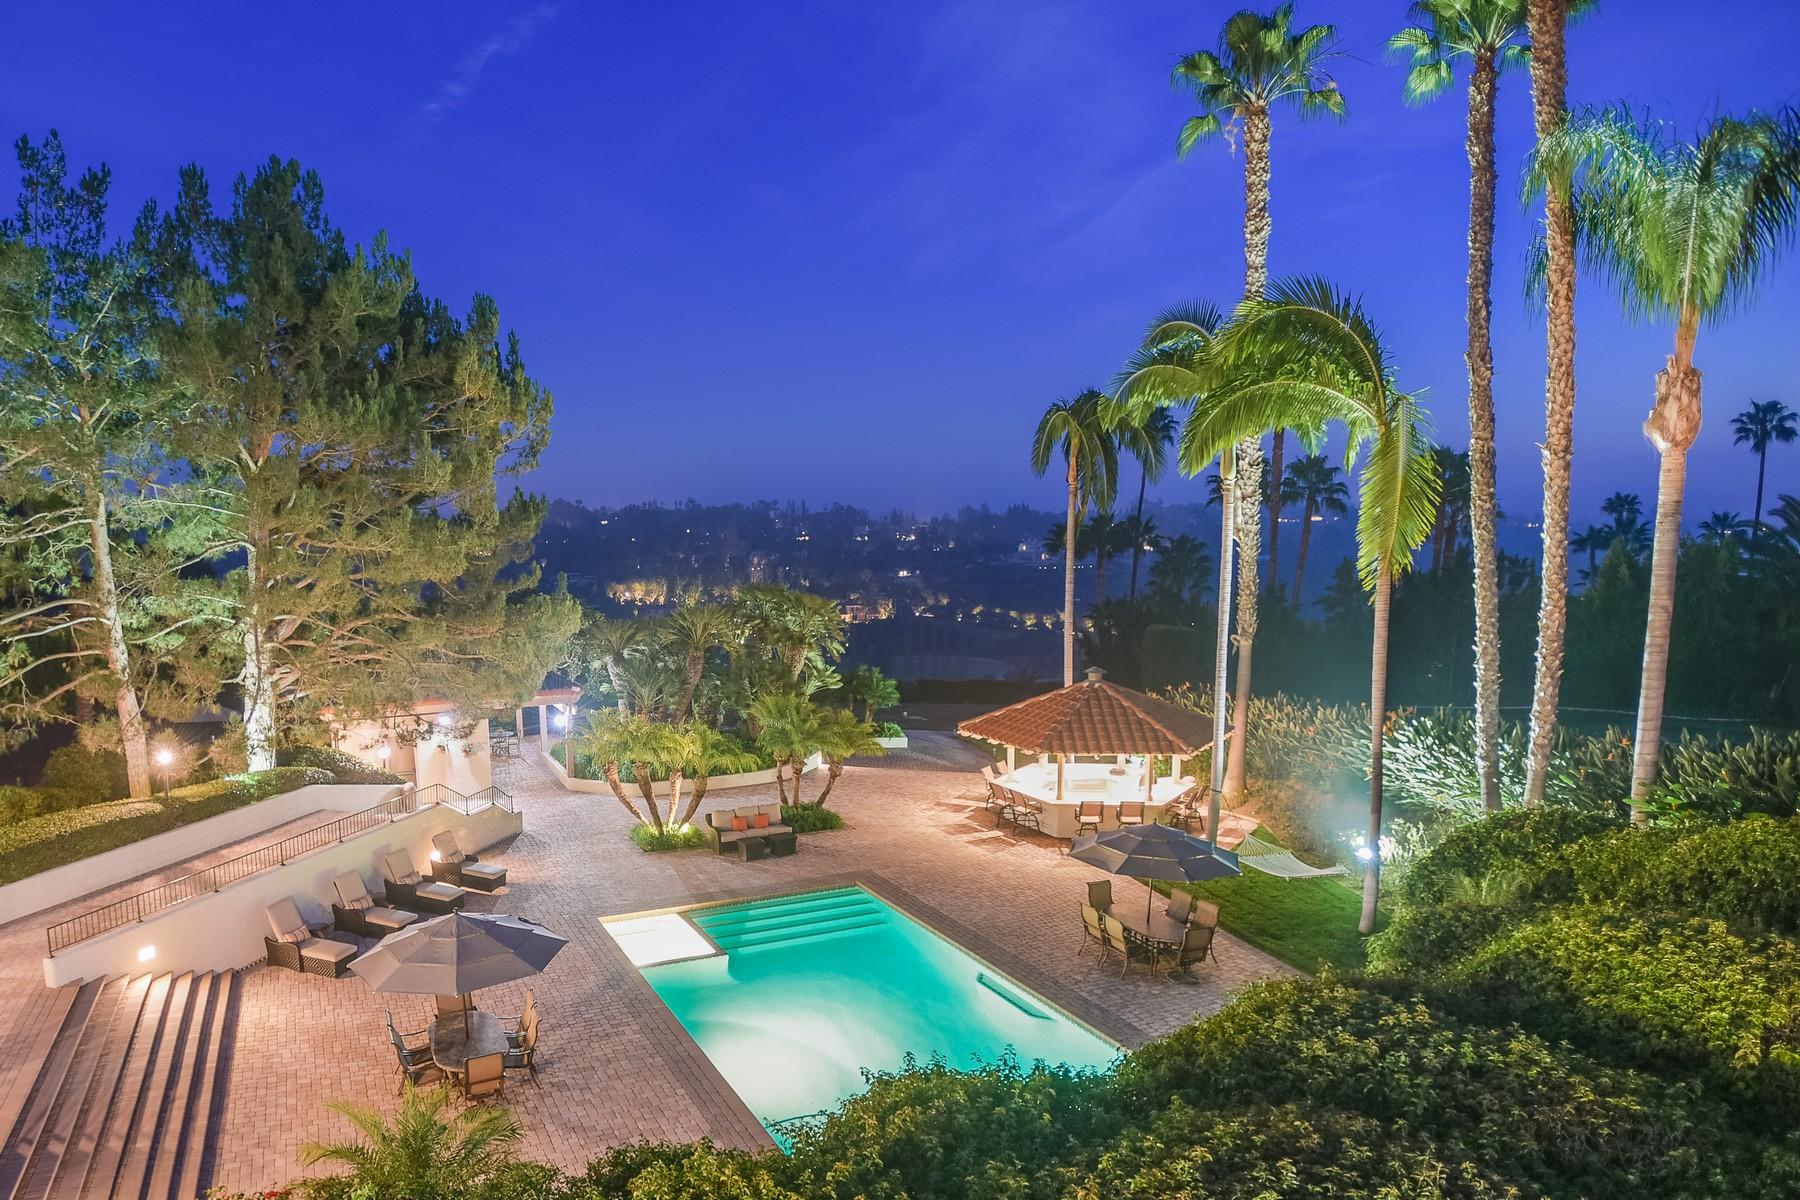 Частный односемейный дом для того Продажа на 6849 Las Colinas Rancho Santa Fe, Калифорния, 92067 Соединенные Штаты